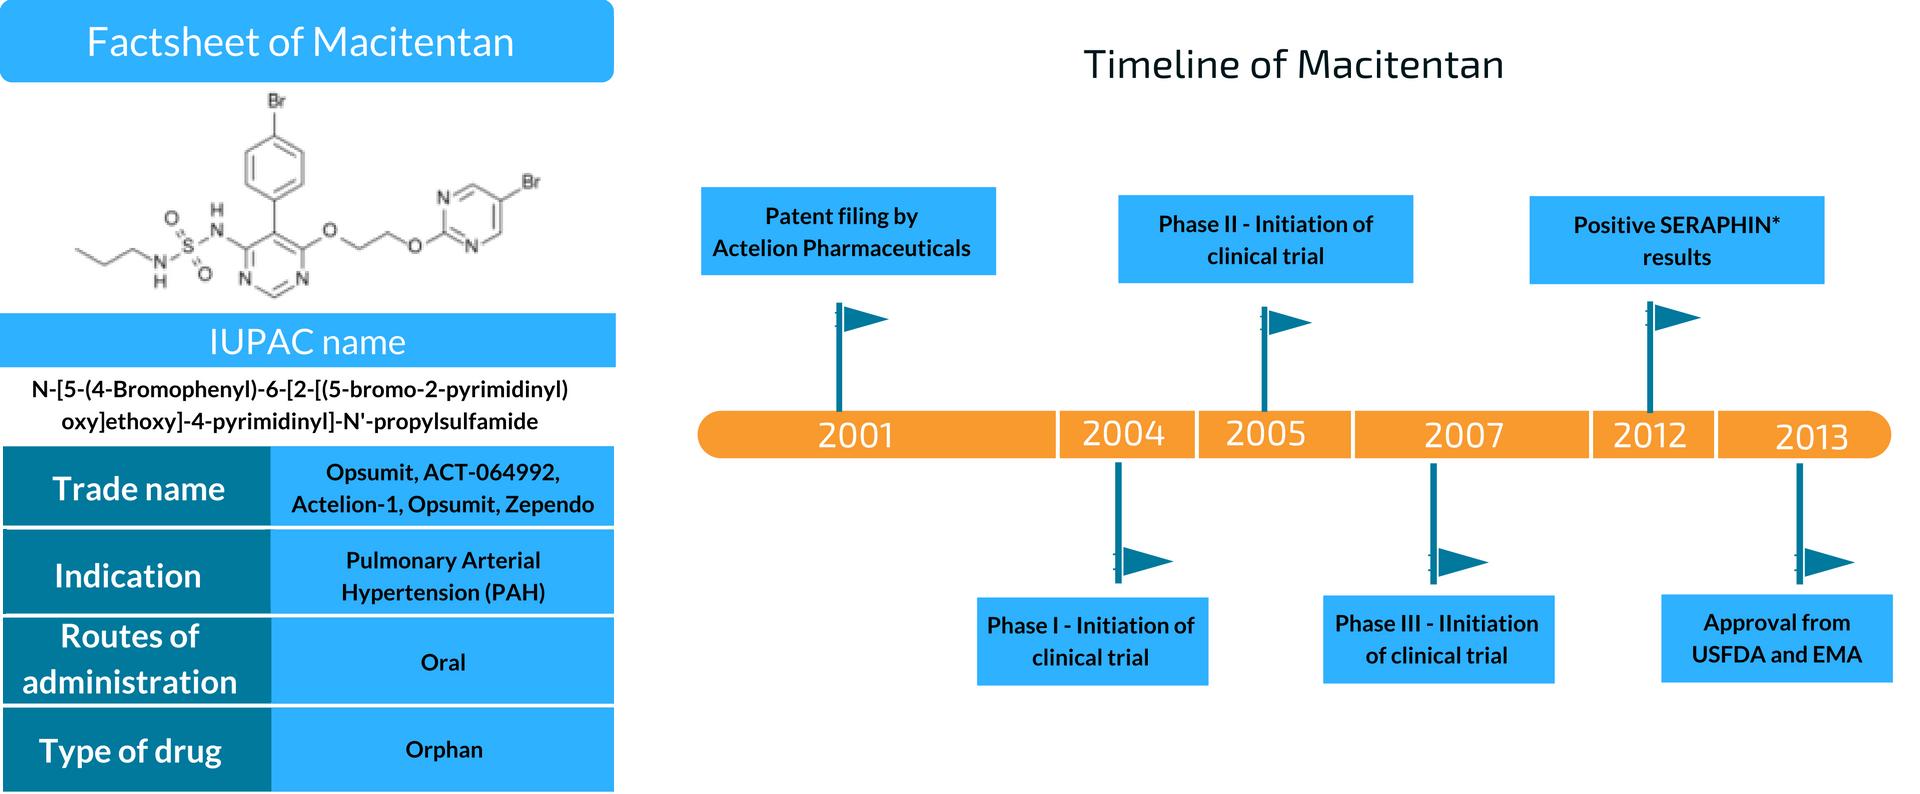 Factsheet of Macitentan (1)